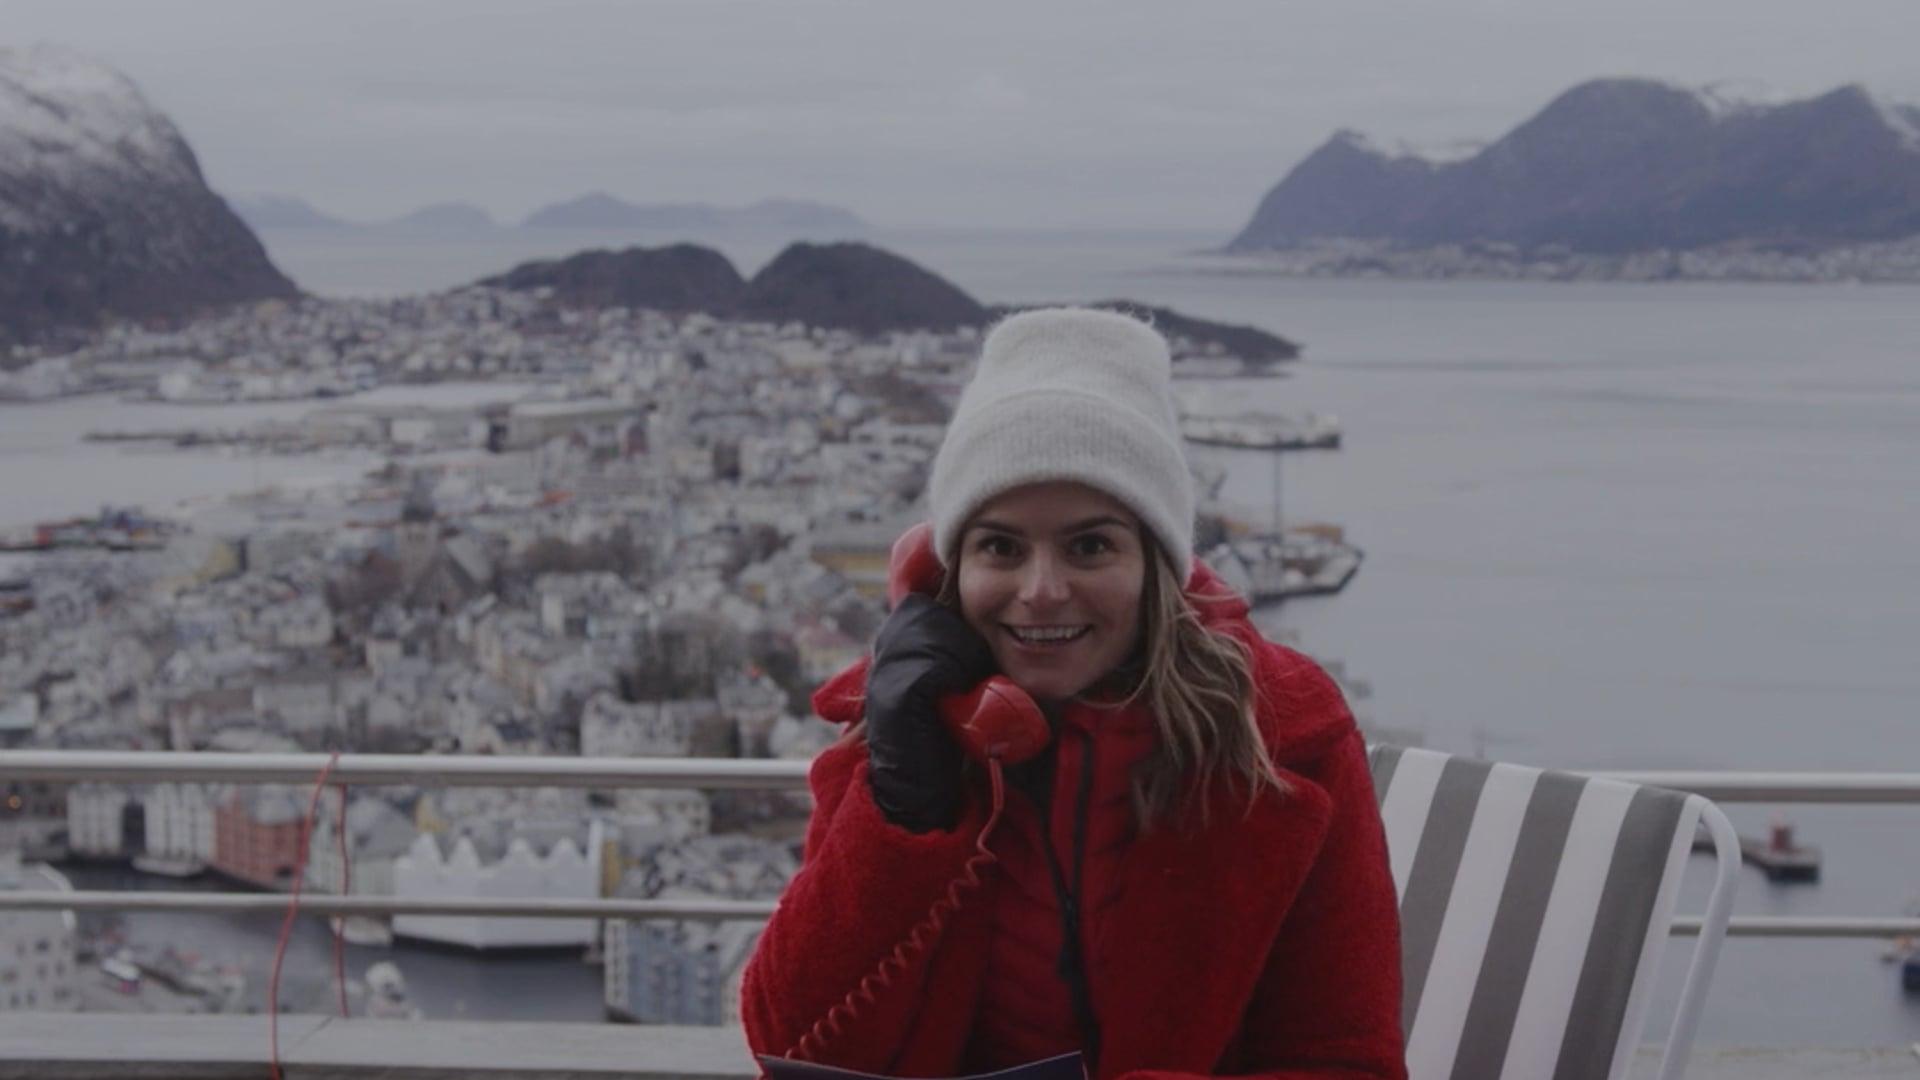 Norsk Tipping - Ålesund